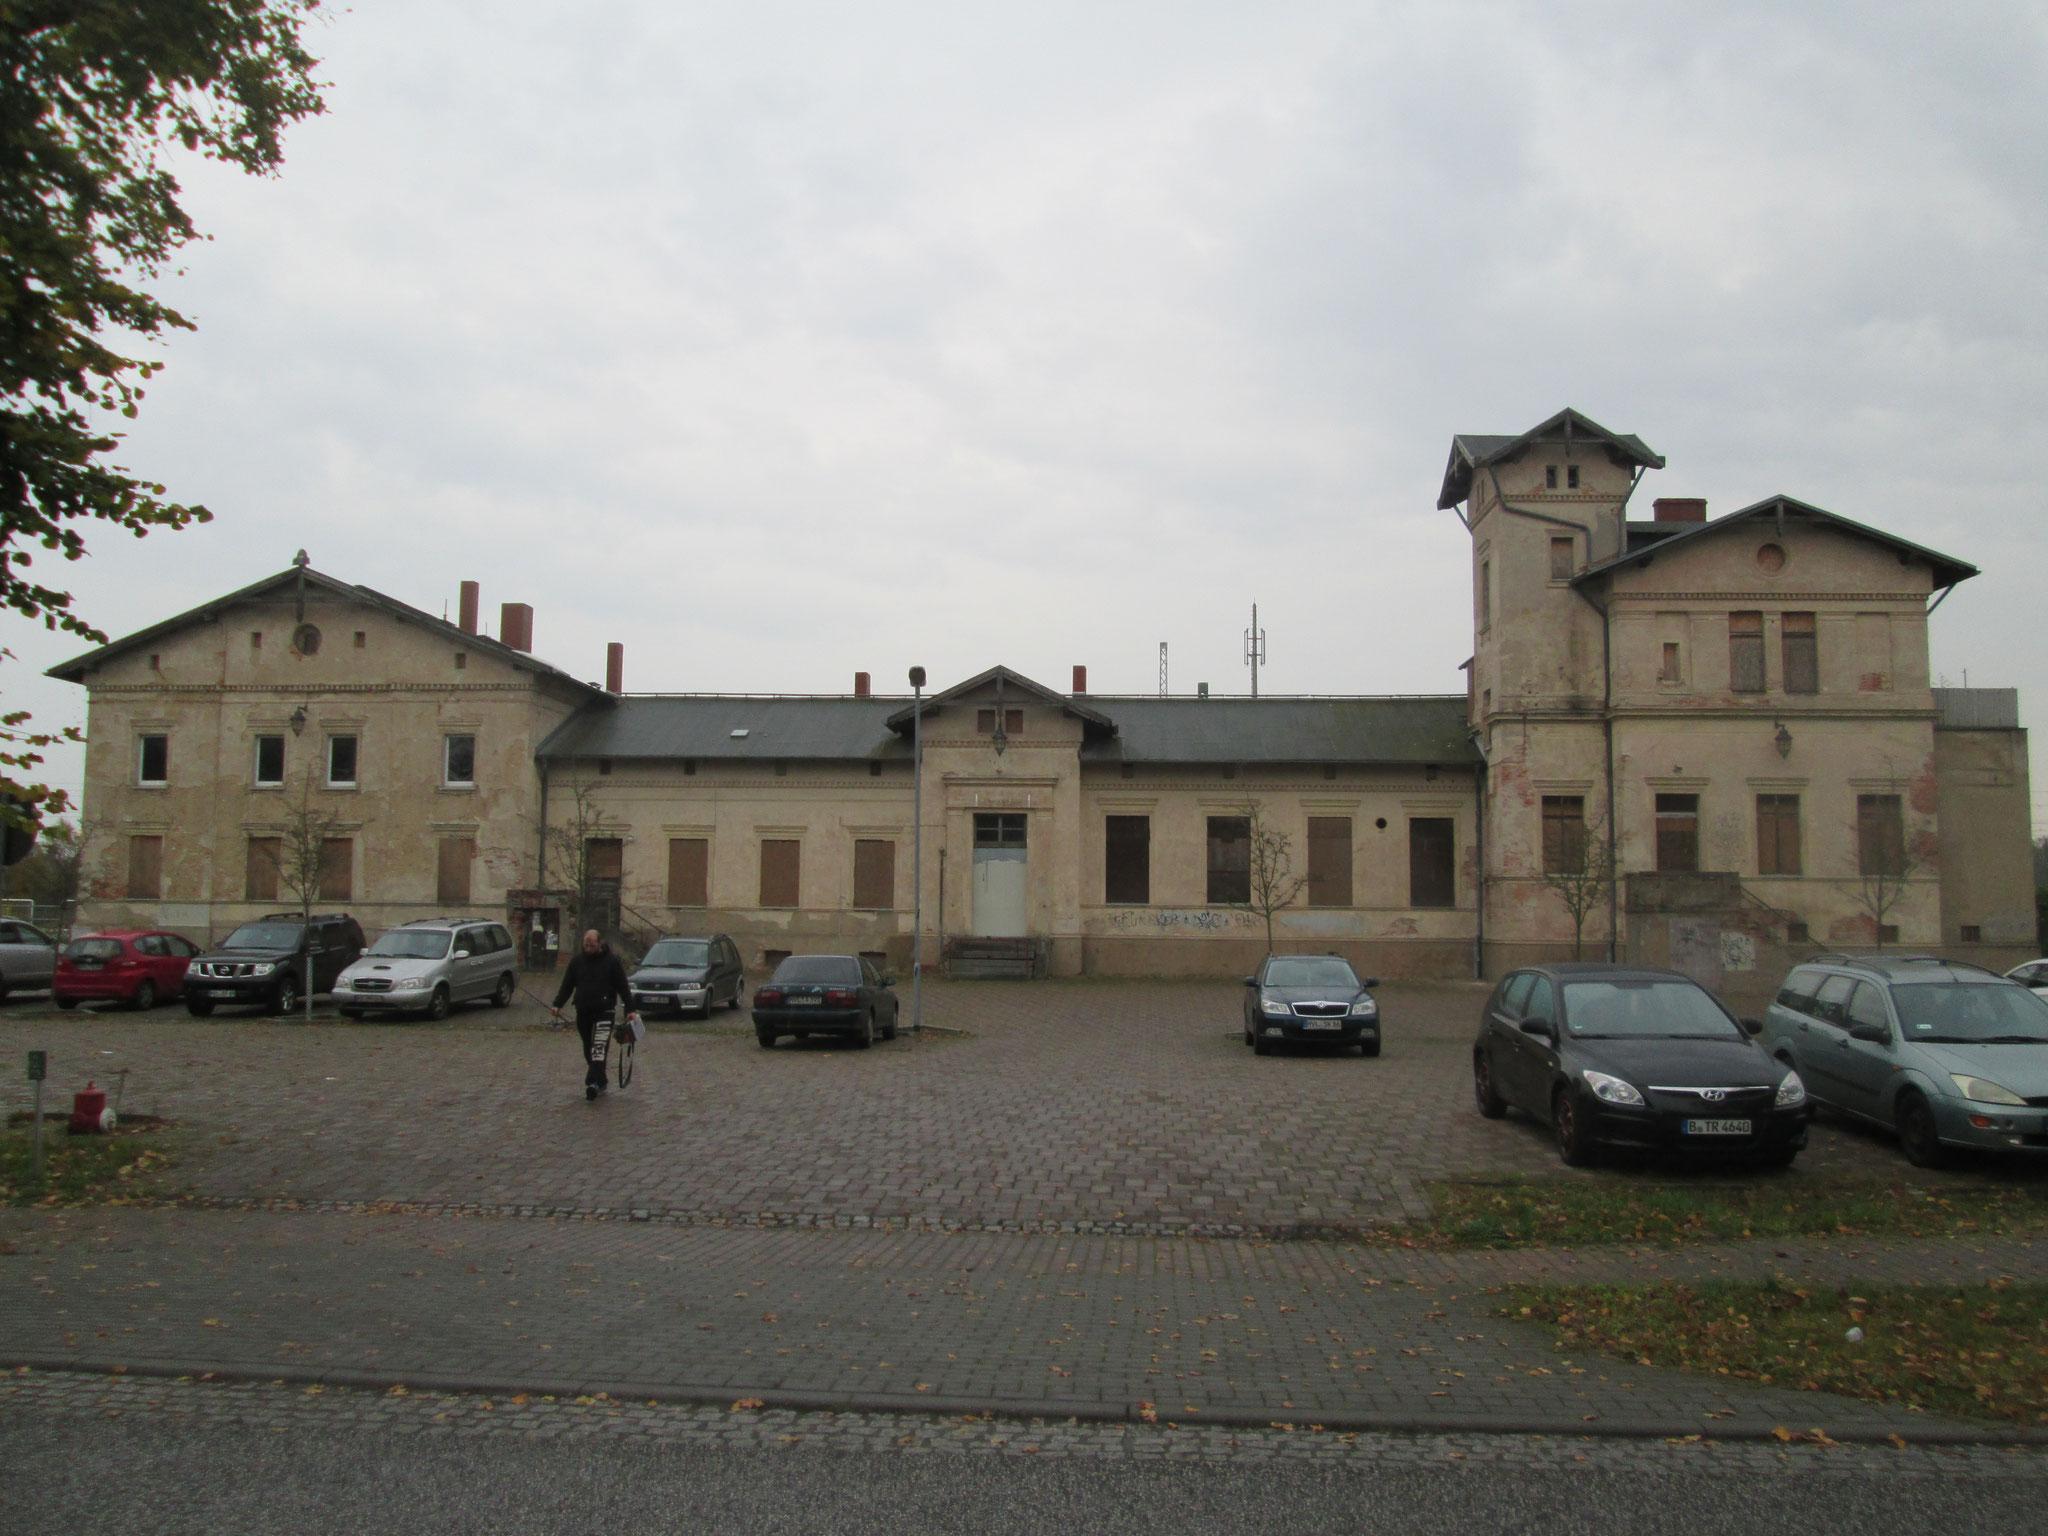 Ich trete aus einem ruinösen Bahnhof mit verrammelten Fenstern auf die menschenleere Landstraße.